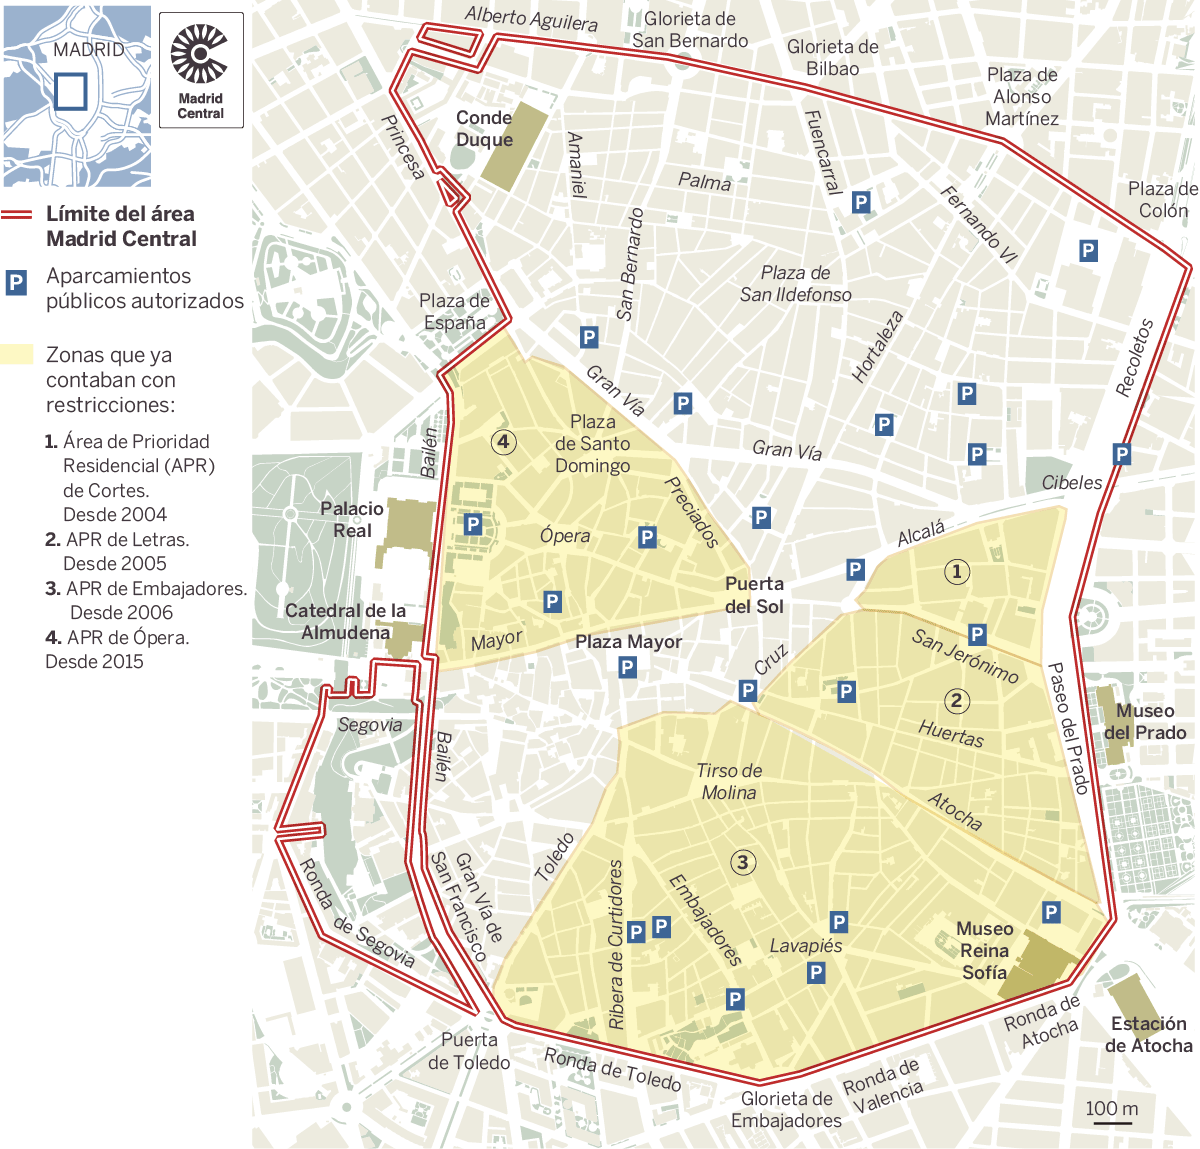 Restricciones Tráfico Madrid Mapa.Plano Este Es El Mapa De Madrid Central Madrid El Pais